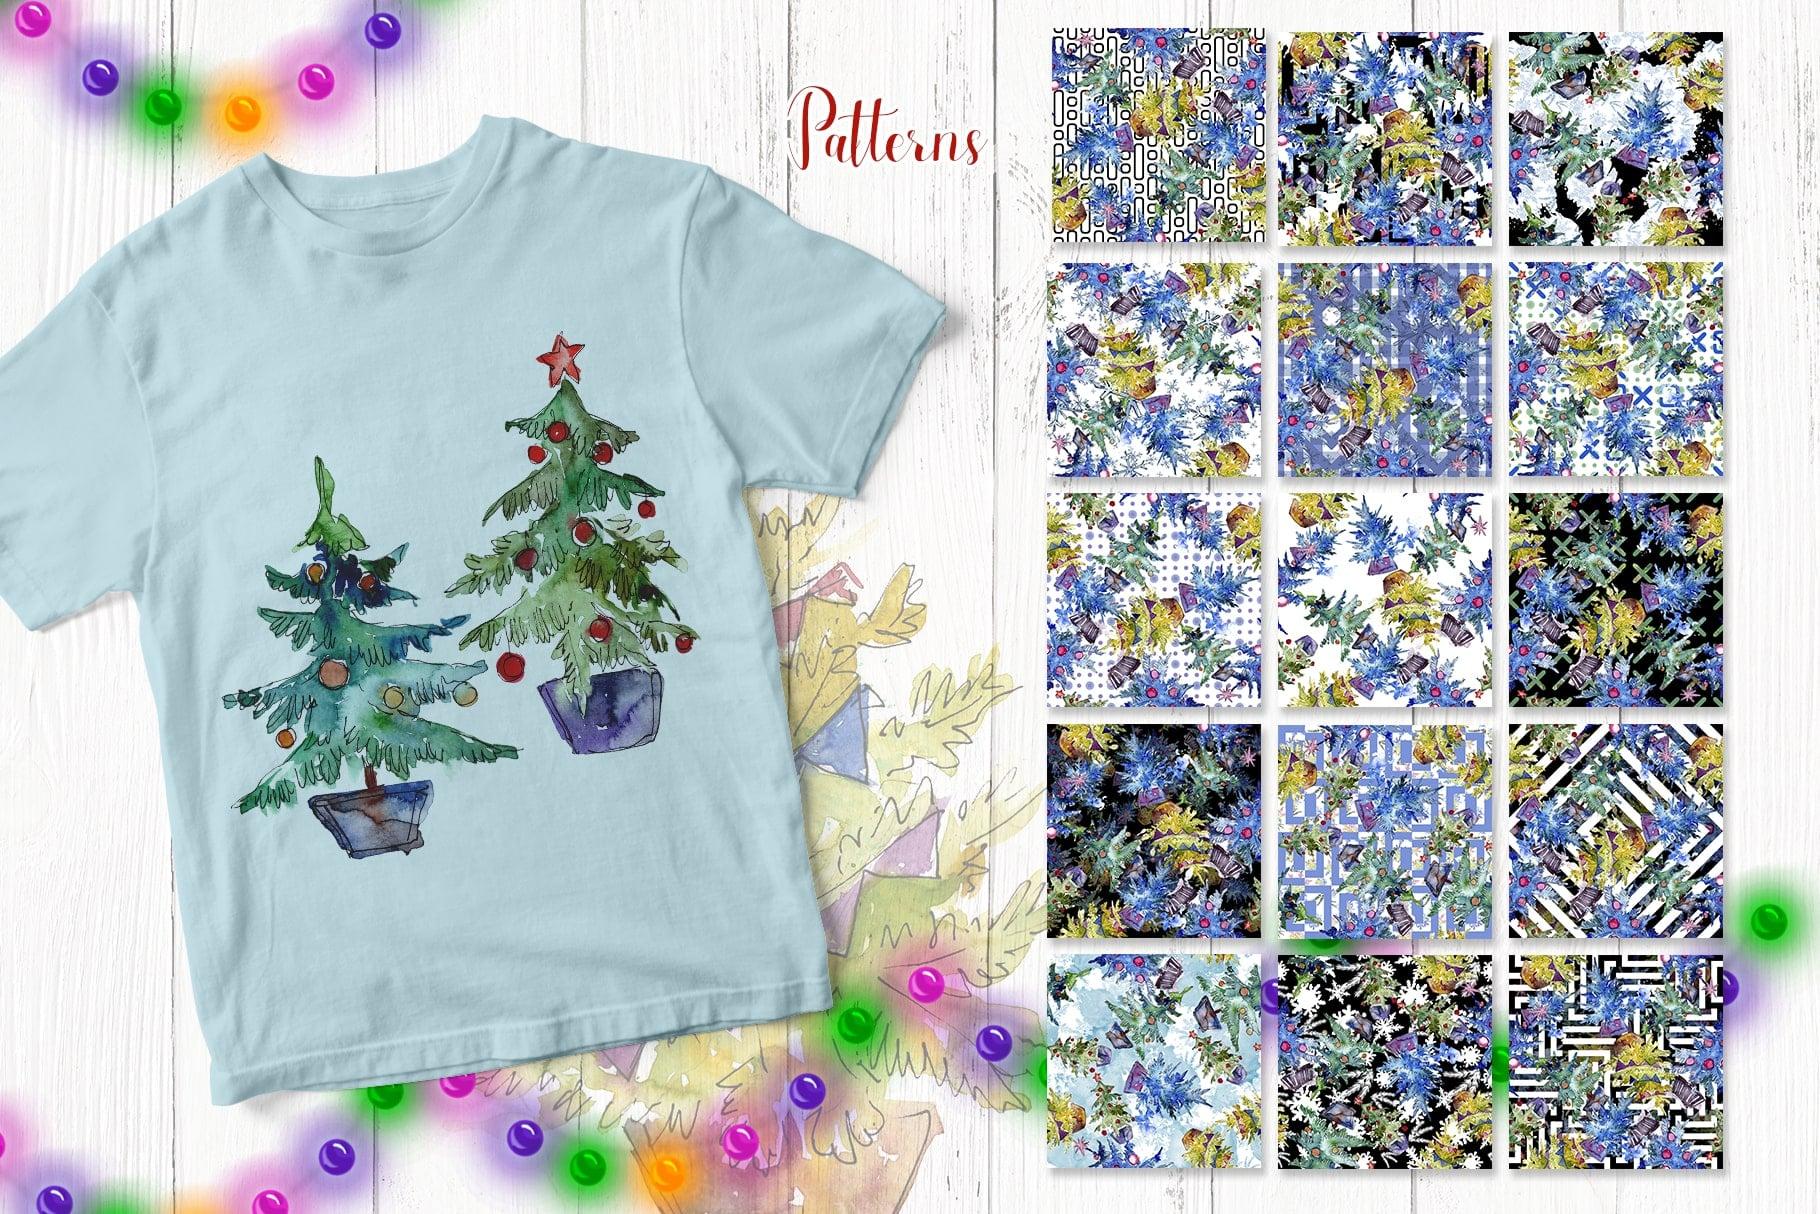 Trees Christmas PNG watercolor set - $11 - e7642e3b9c4a2dfe4c060c8468bc1b16 resize min